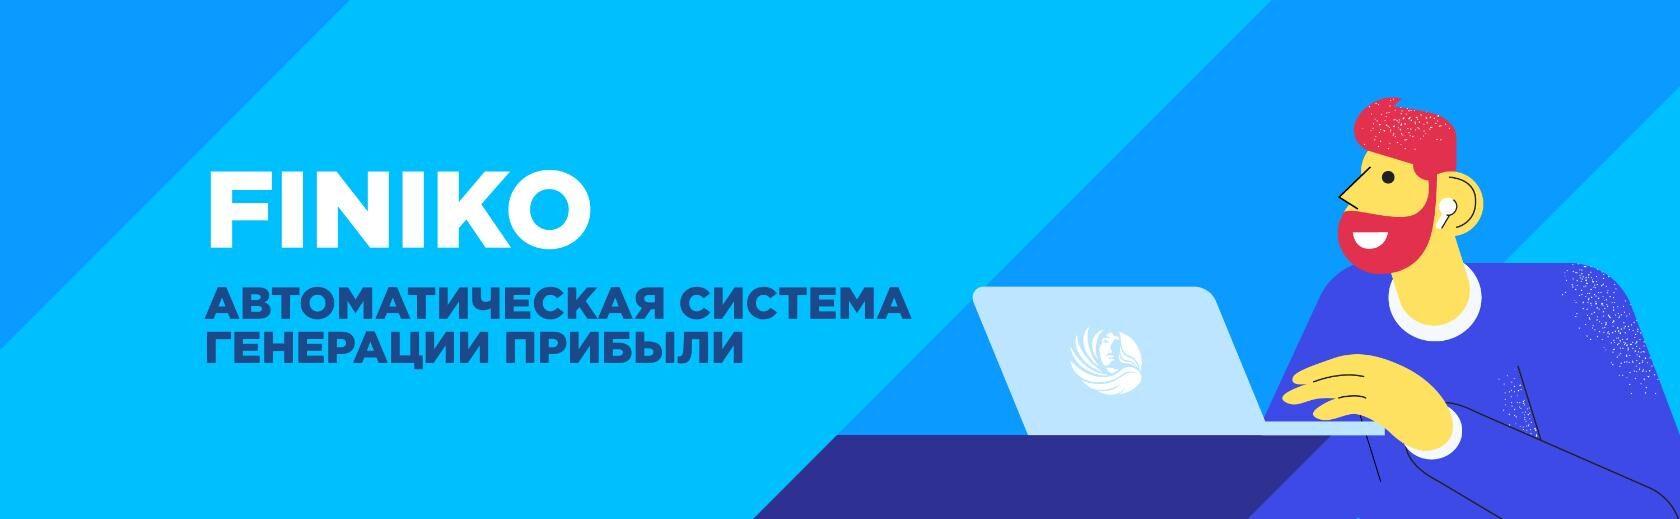 Обзор криптовалюты FNK Finiko и прогноз на 2022 год